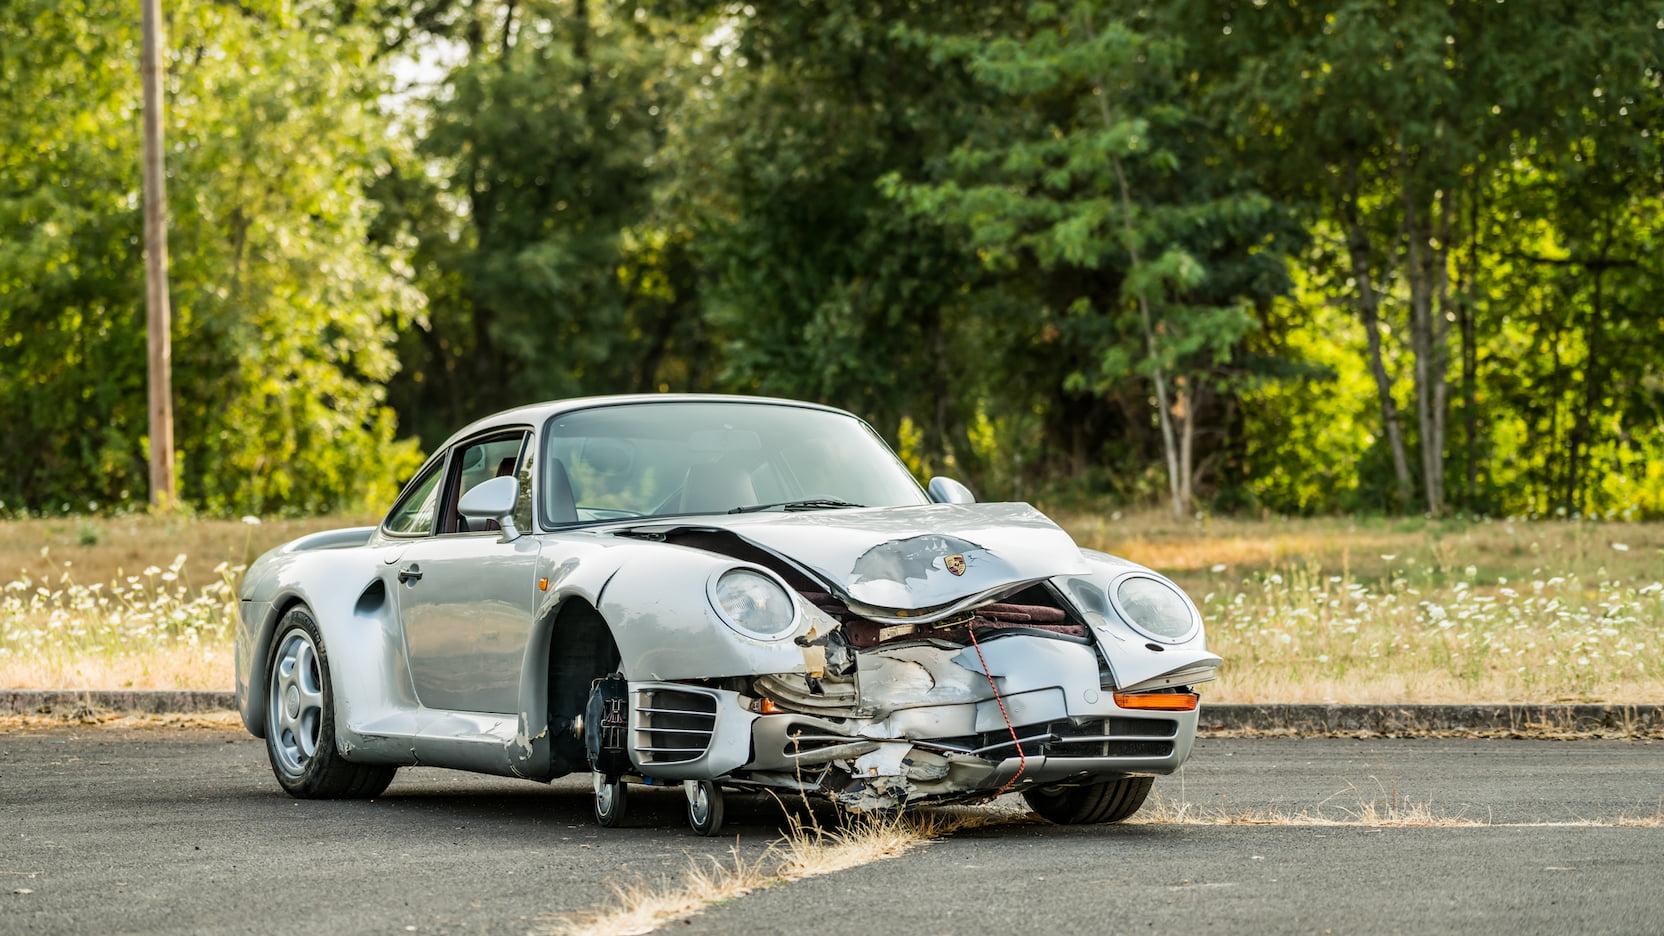 1987 Porsche 959 Komfort passenger 3/4 wreck